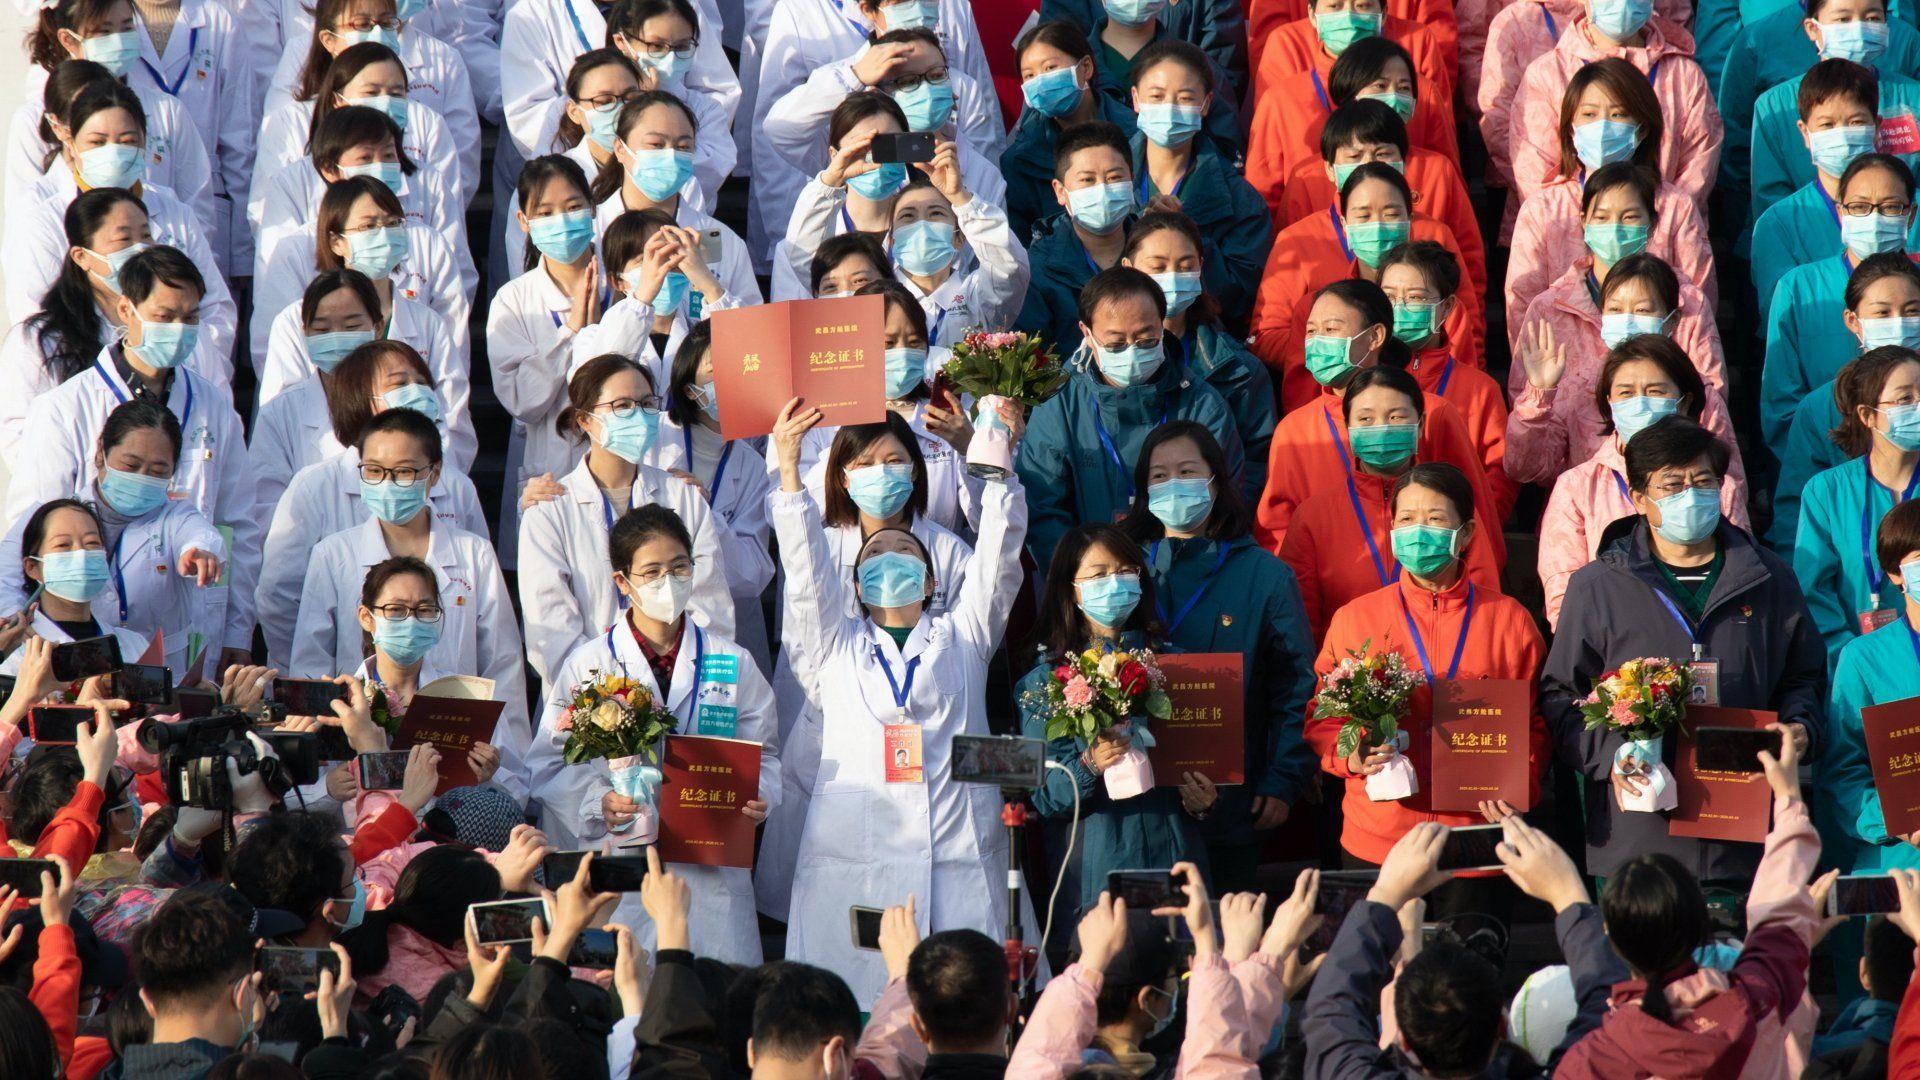 Az egészségügyi személyzet ünnepel az eddig szükségkórházként működő vuhani Hongsan sportcsarnok előtt, miután távozott az utolsó meggyógyult páciens is 2020. március 10-én. Az ideiglenes kórházban a tüdőgyulladást okozó új koronavírussal megfertőződött betegeket ápolták, és most bezárják, mert az utóbbi napokban csökken az új fertőzöttek száma Kínában. A kínai Hupej tartomány székhelye, Vuhan az egész világra kiterjedő koronavírus-járvány gócpontja.MTI/EPA/Costfoto/YFC